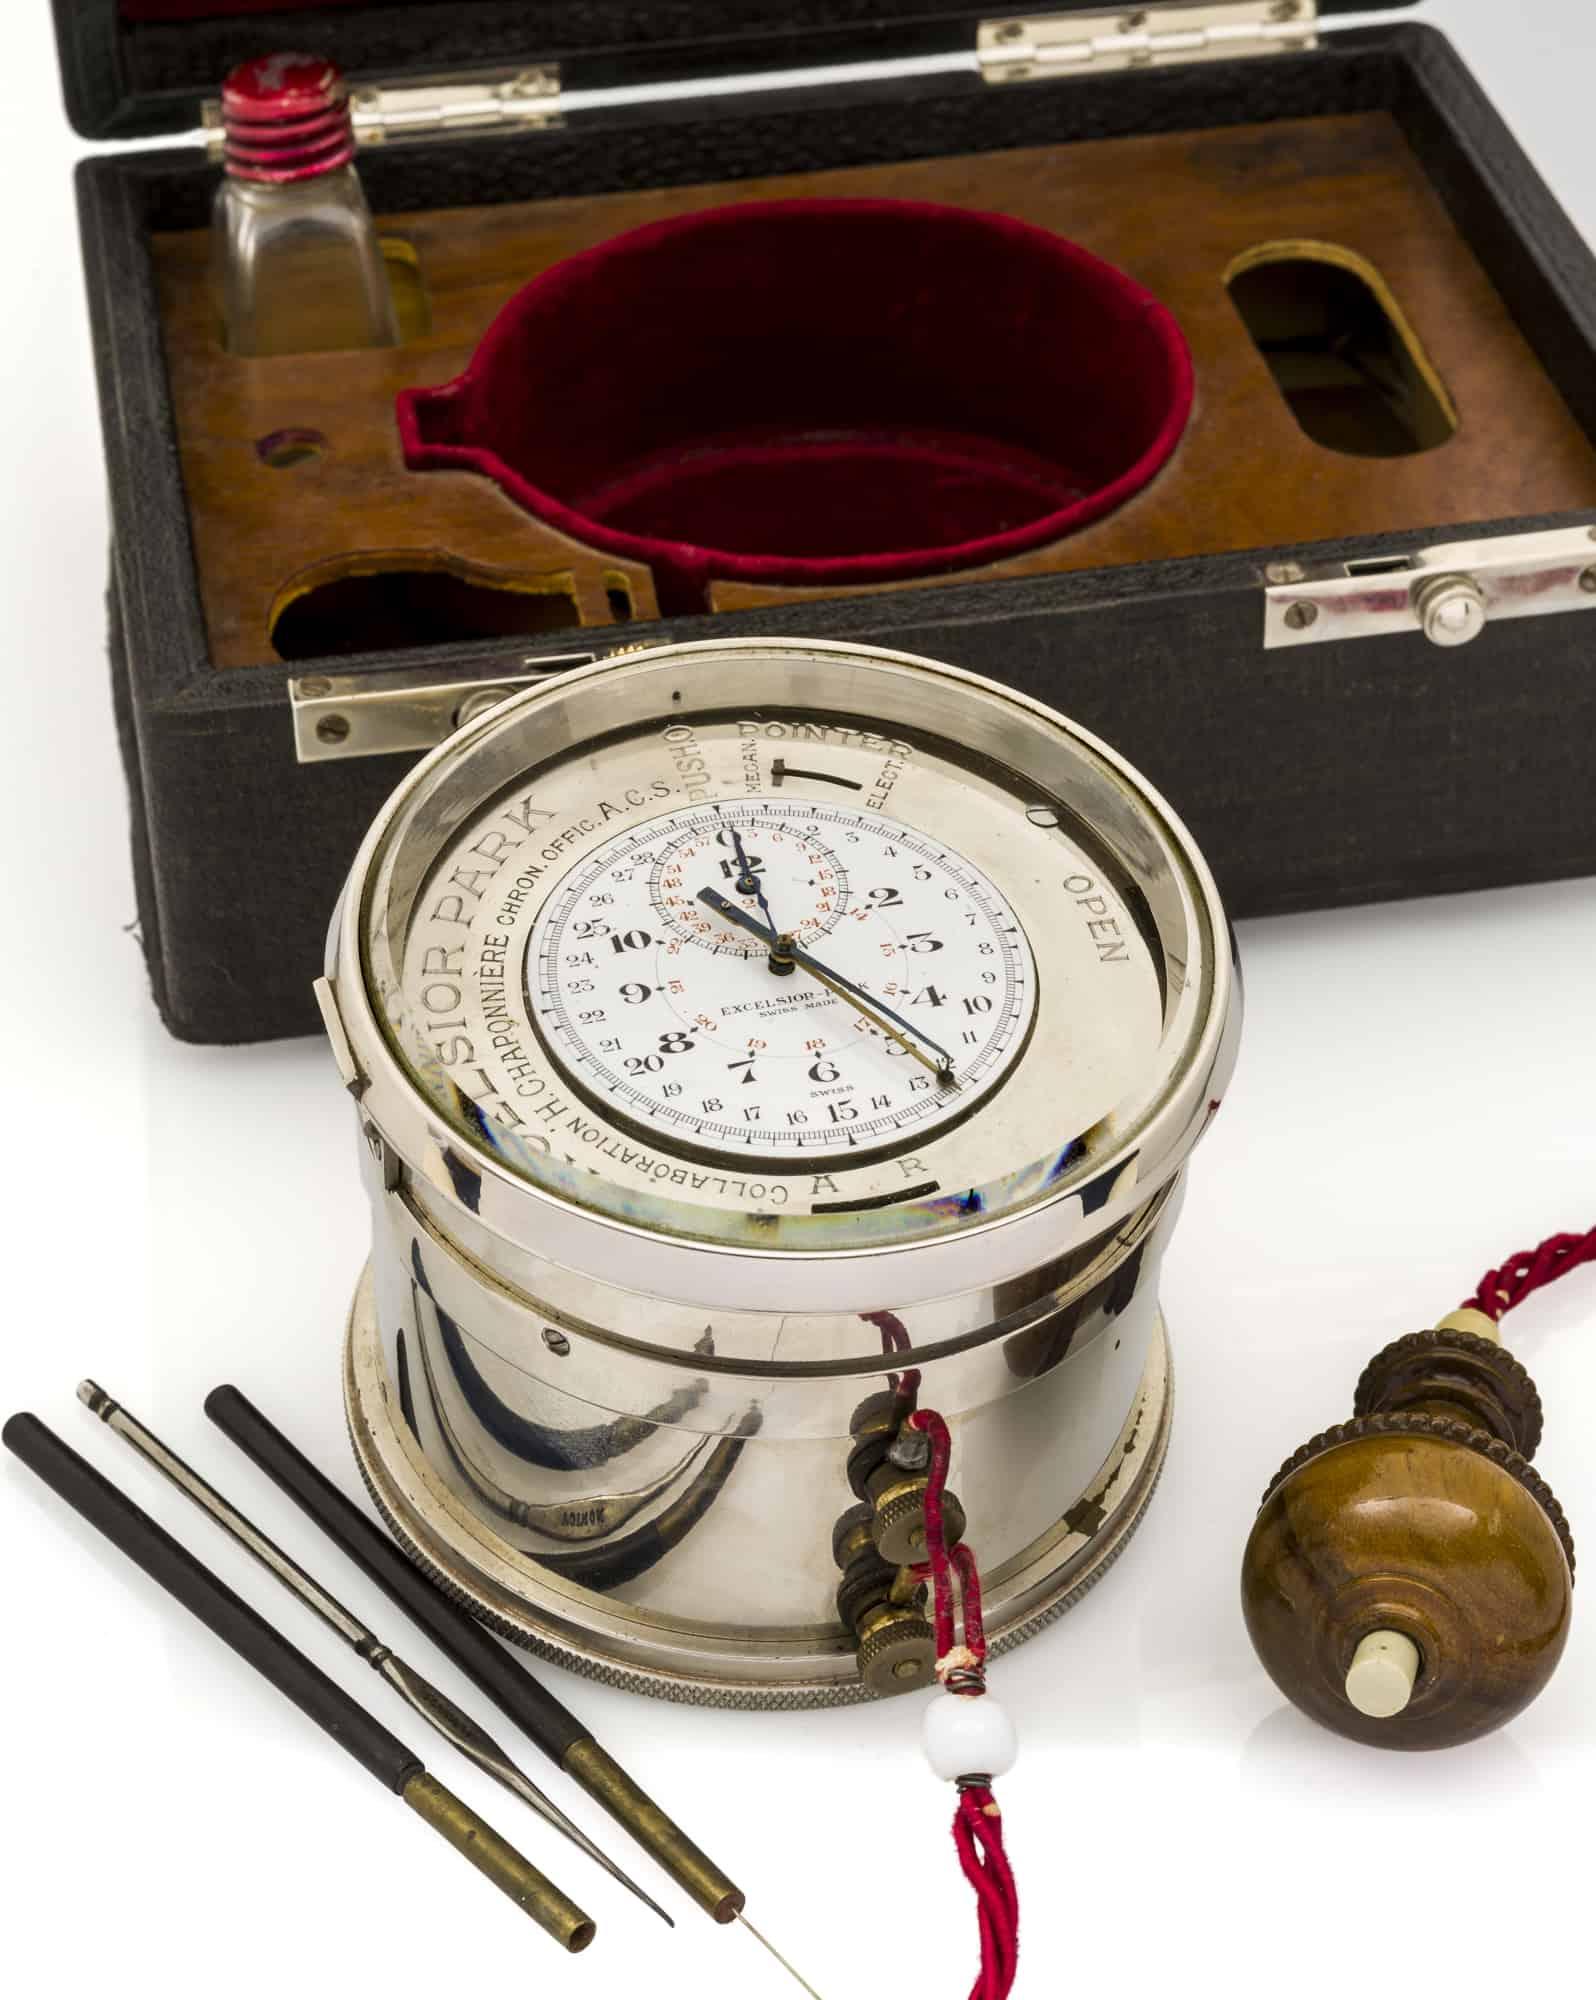 Excelsior Park Tinten Chronograph 1920 er Jahre Antiquorum